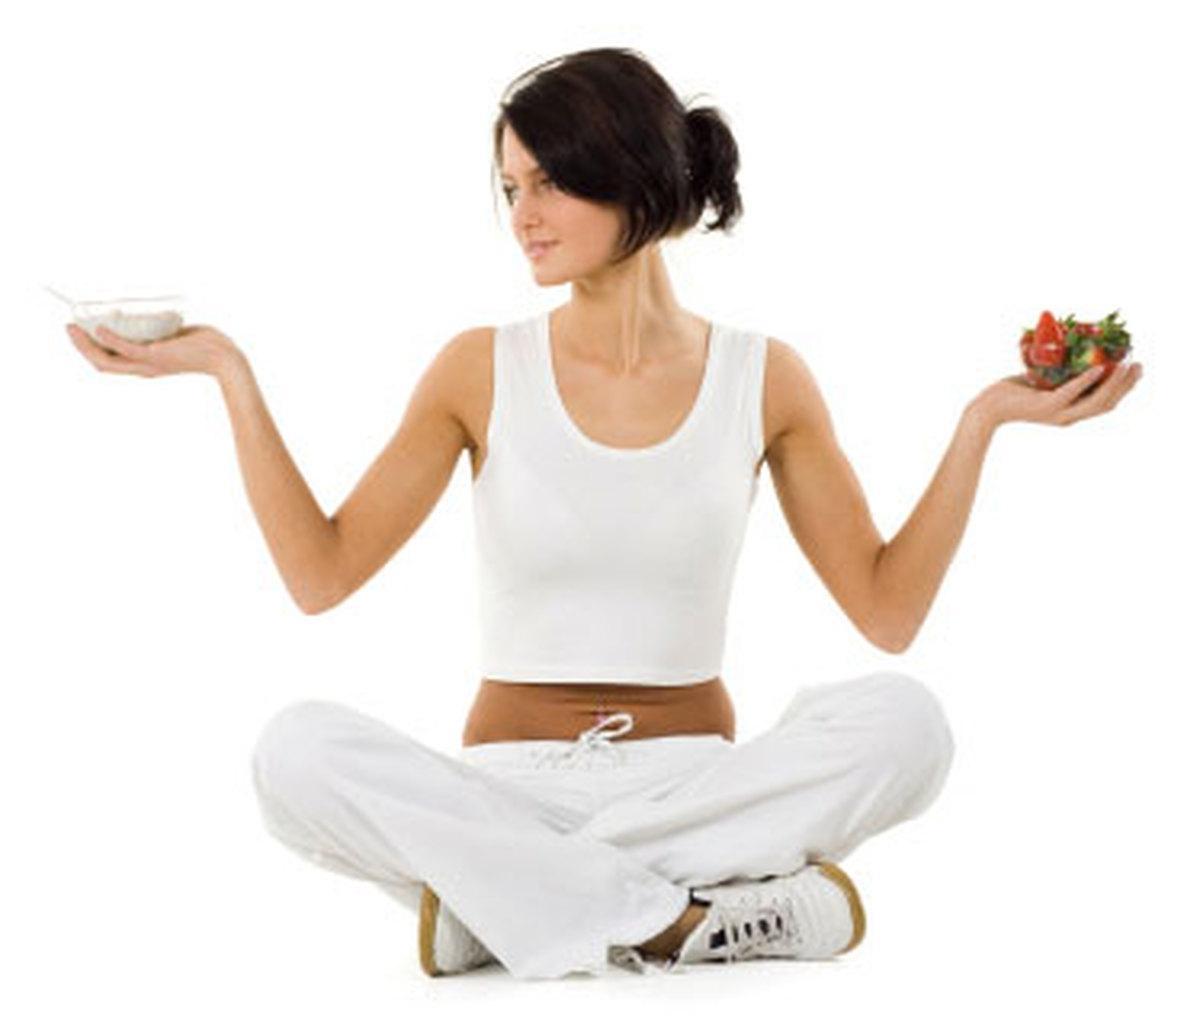 Dieta Dukan: Dieta Para Perda De Peso